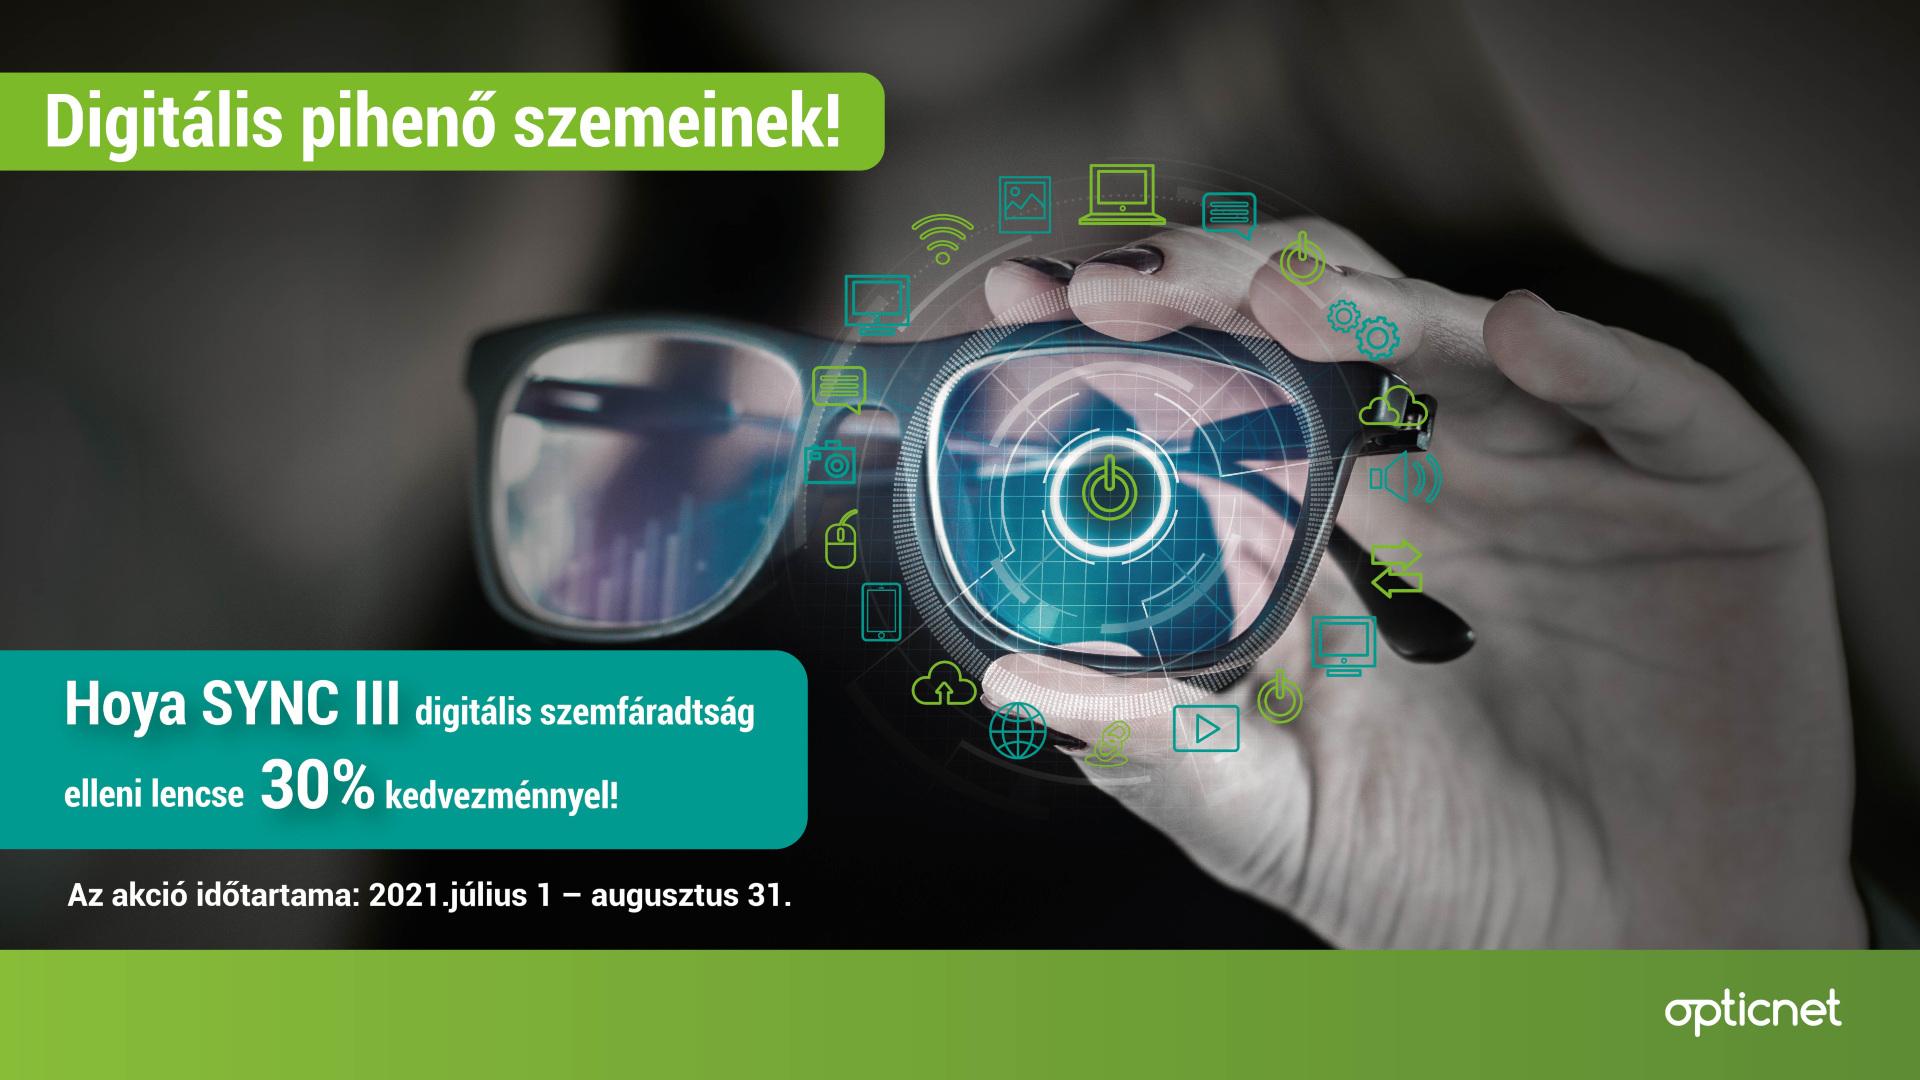 Hoya SYNC III digitális szemfáradtság elleni lencse 30% kedvezménnyel